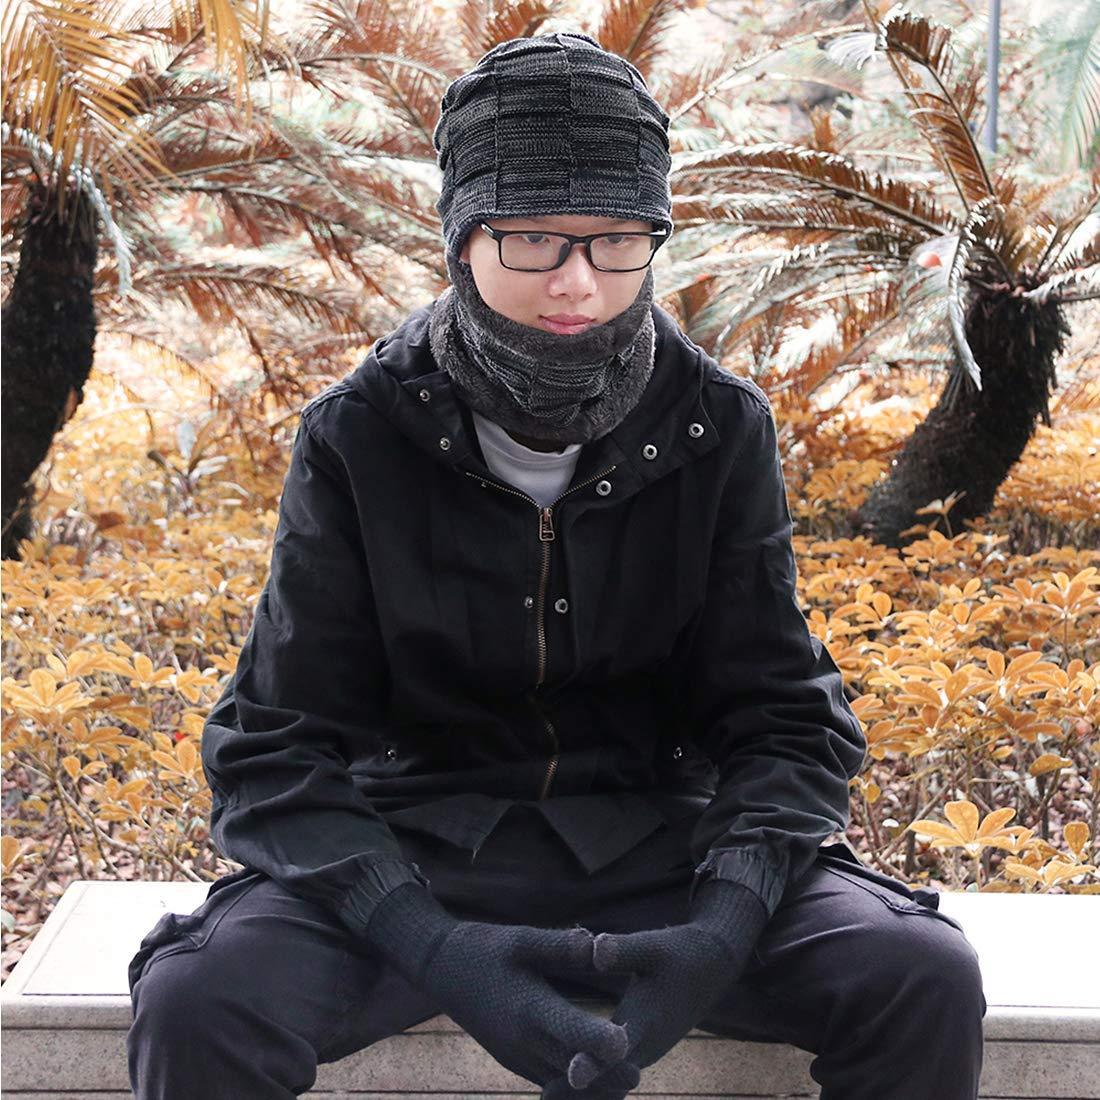 Black KRATARC Winter Warm Scarf Beanie Hat Glove Neck Gaiter Set Adult Men Women Outdoor